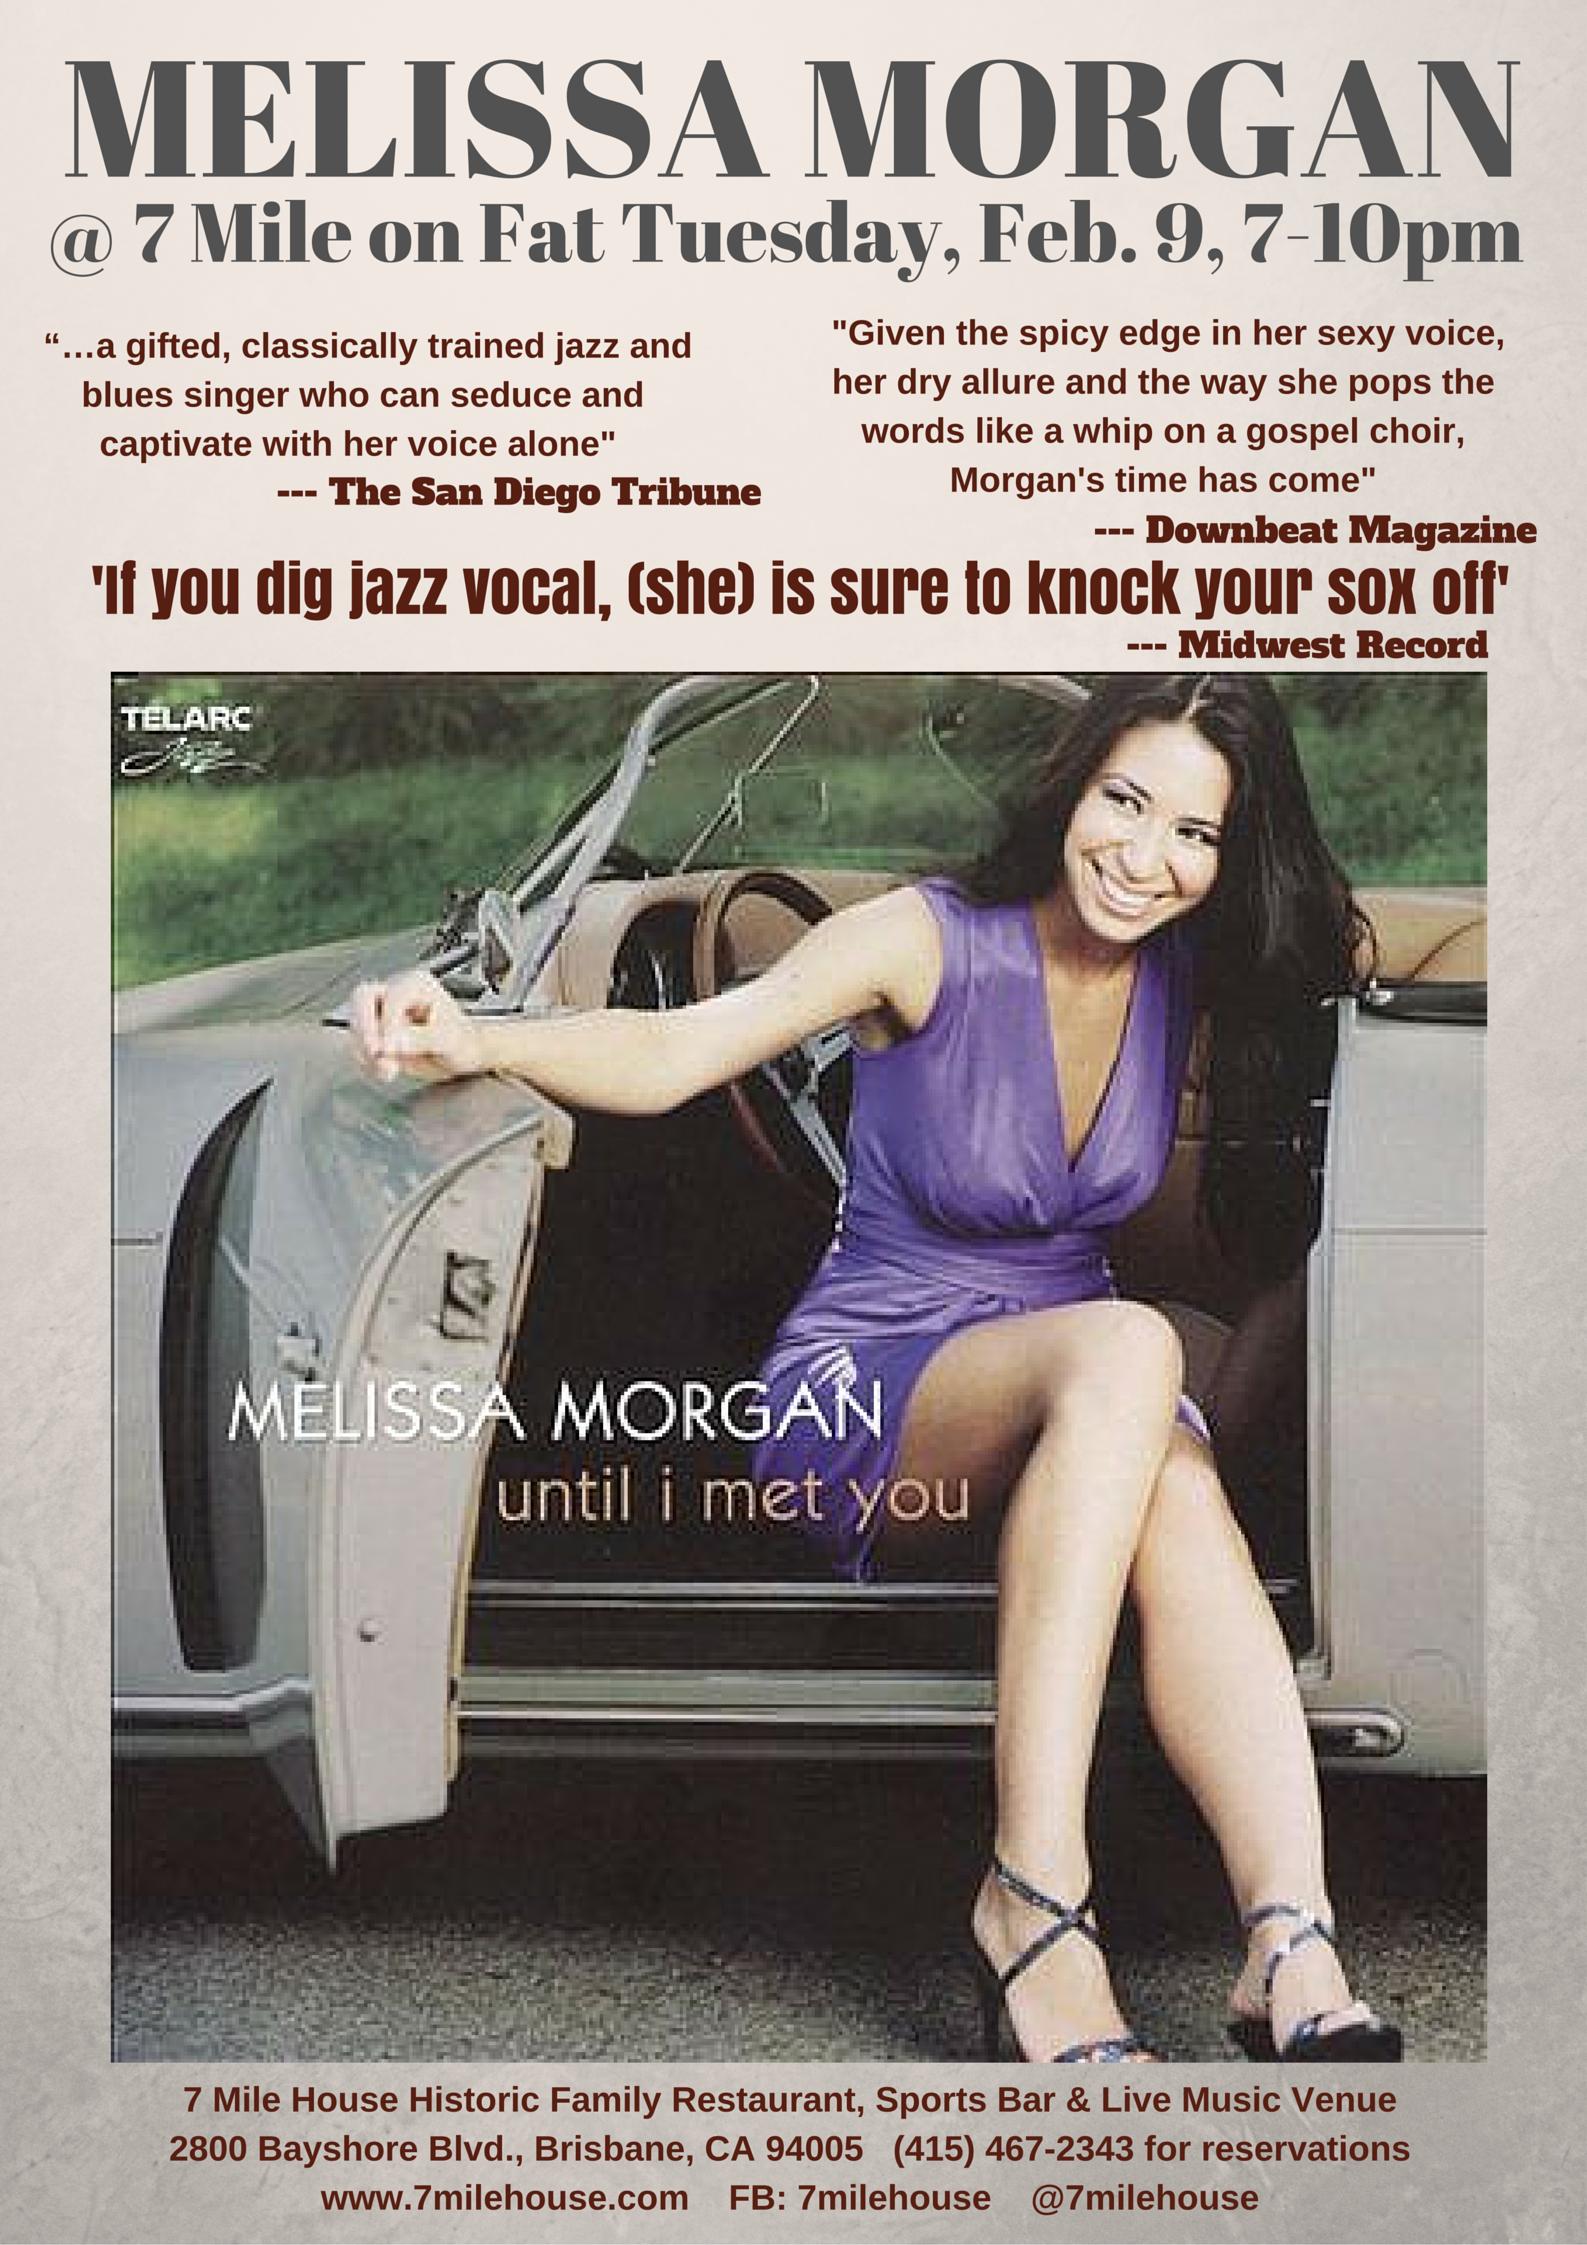 Melissa Morgan at 7 Mile House